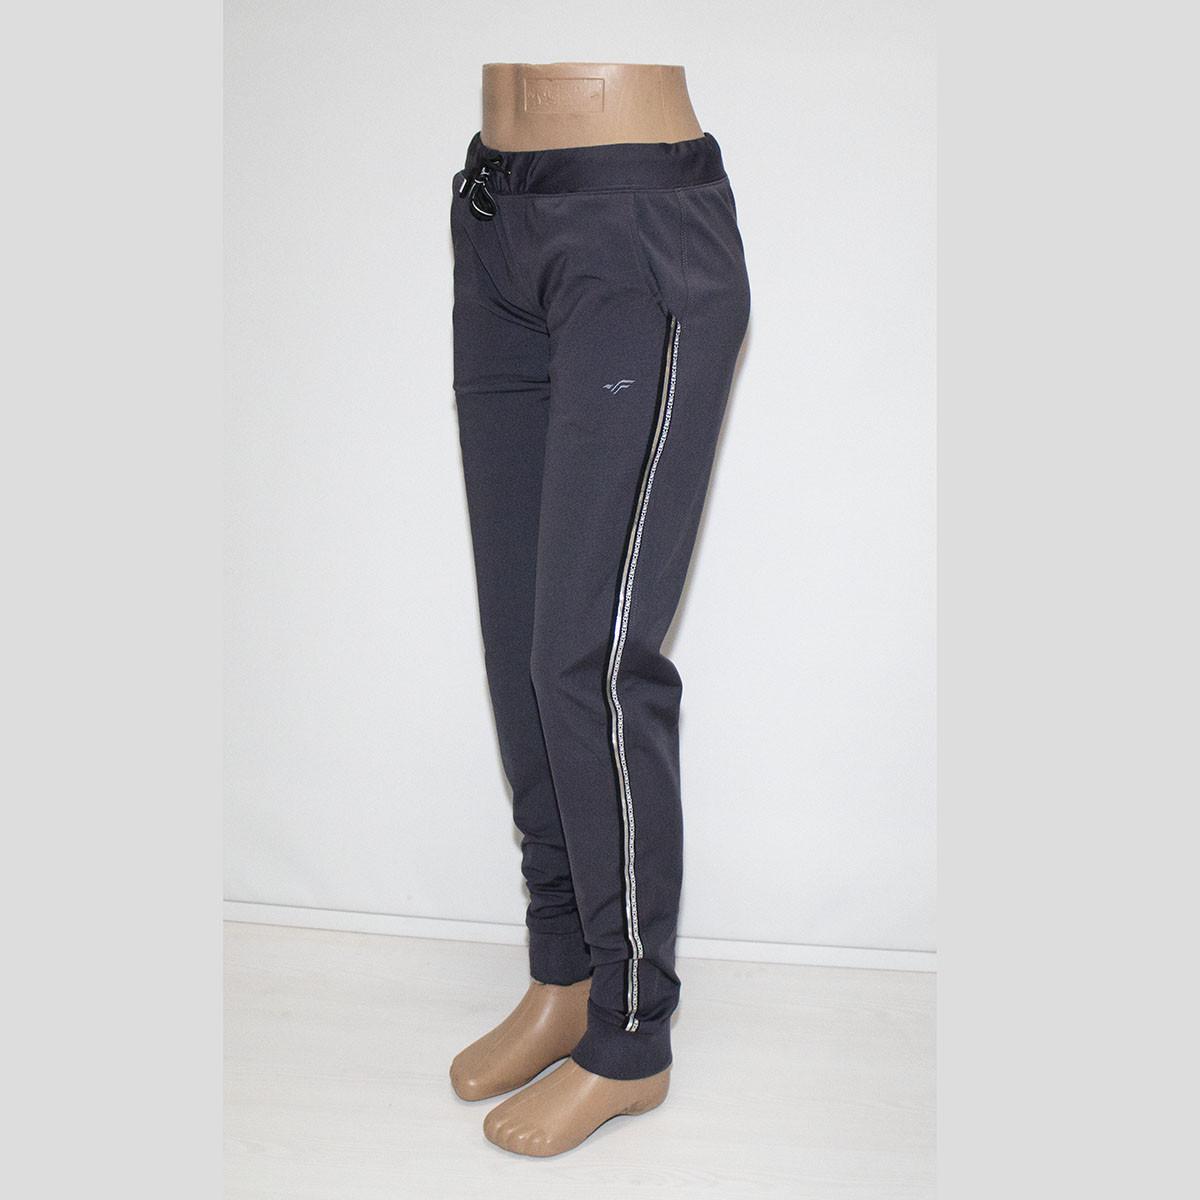 Демисезонные спортивные штаны женские под манжет эластан т.м. FORE 9707N